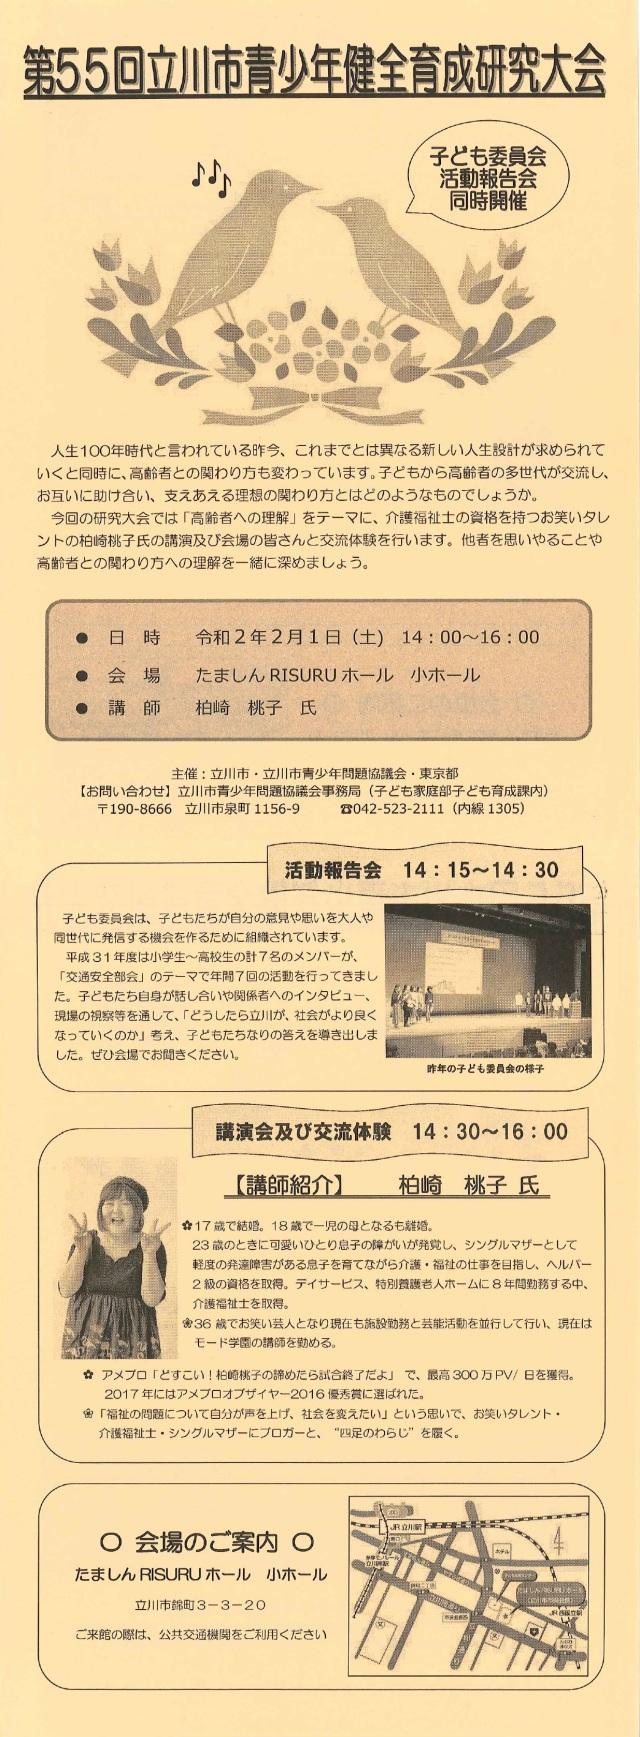 2001 立川市青少年健全育成研究大会